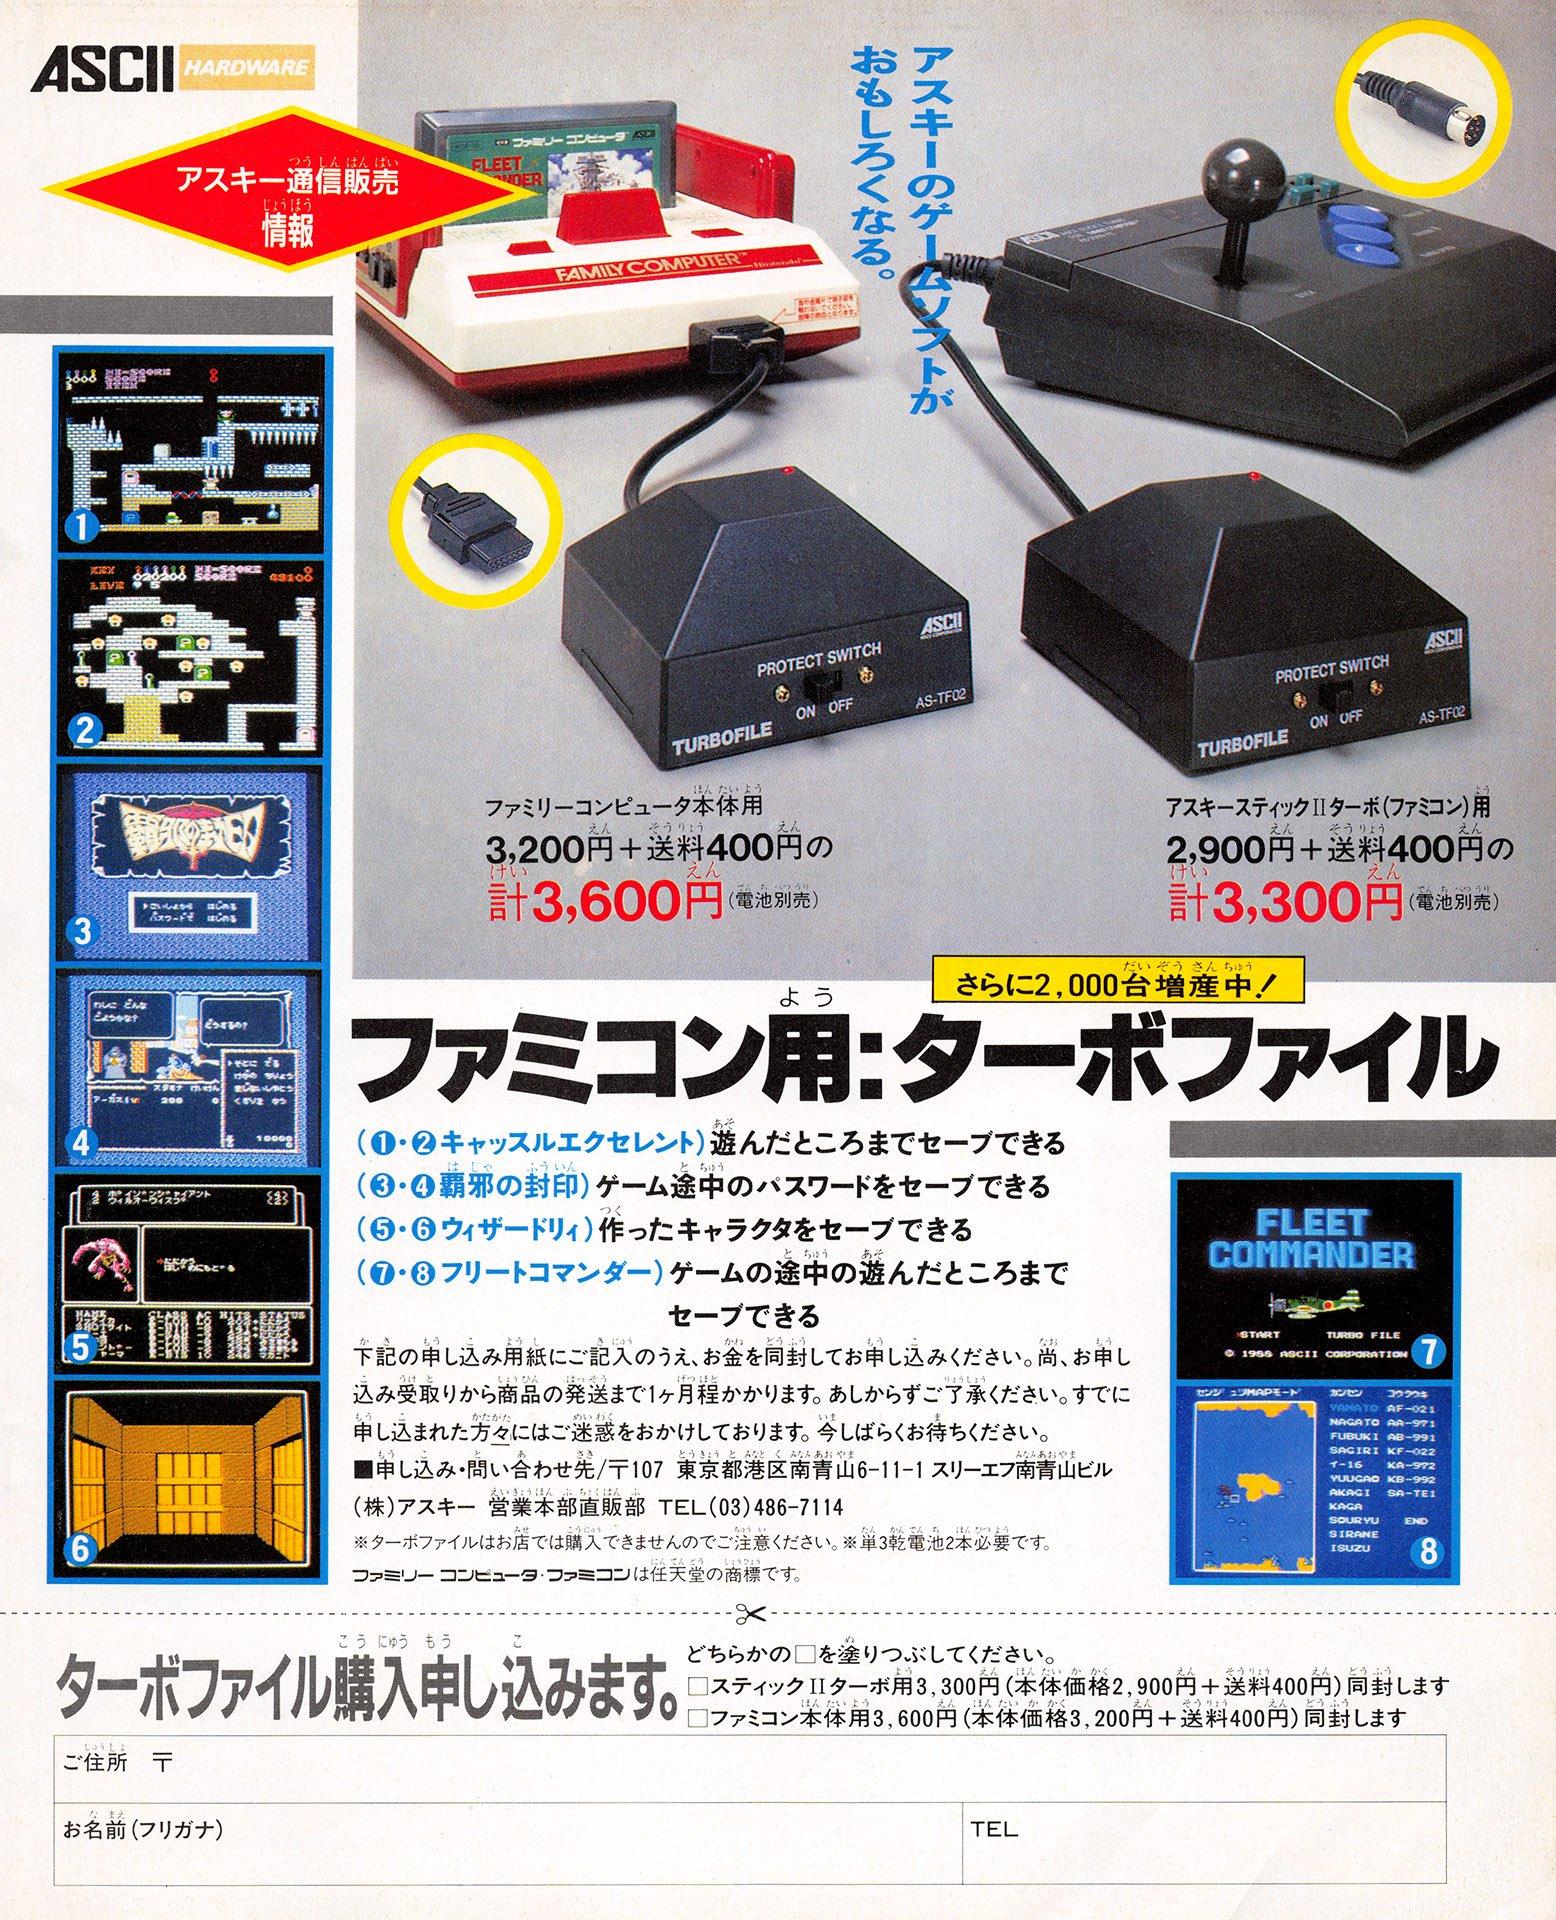 Turbofile (Japan)